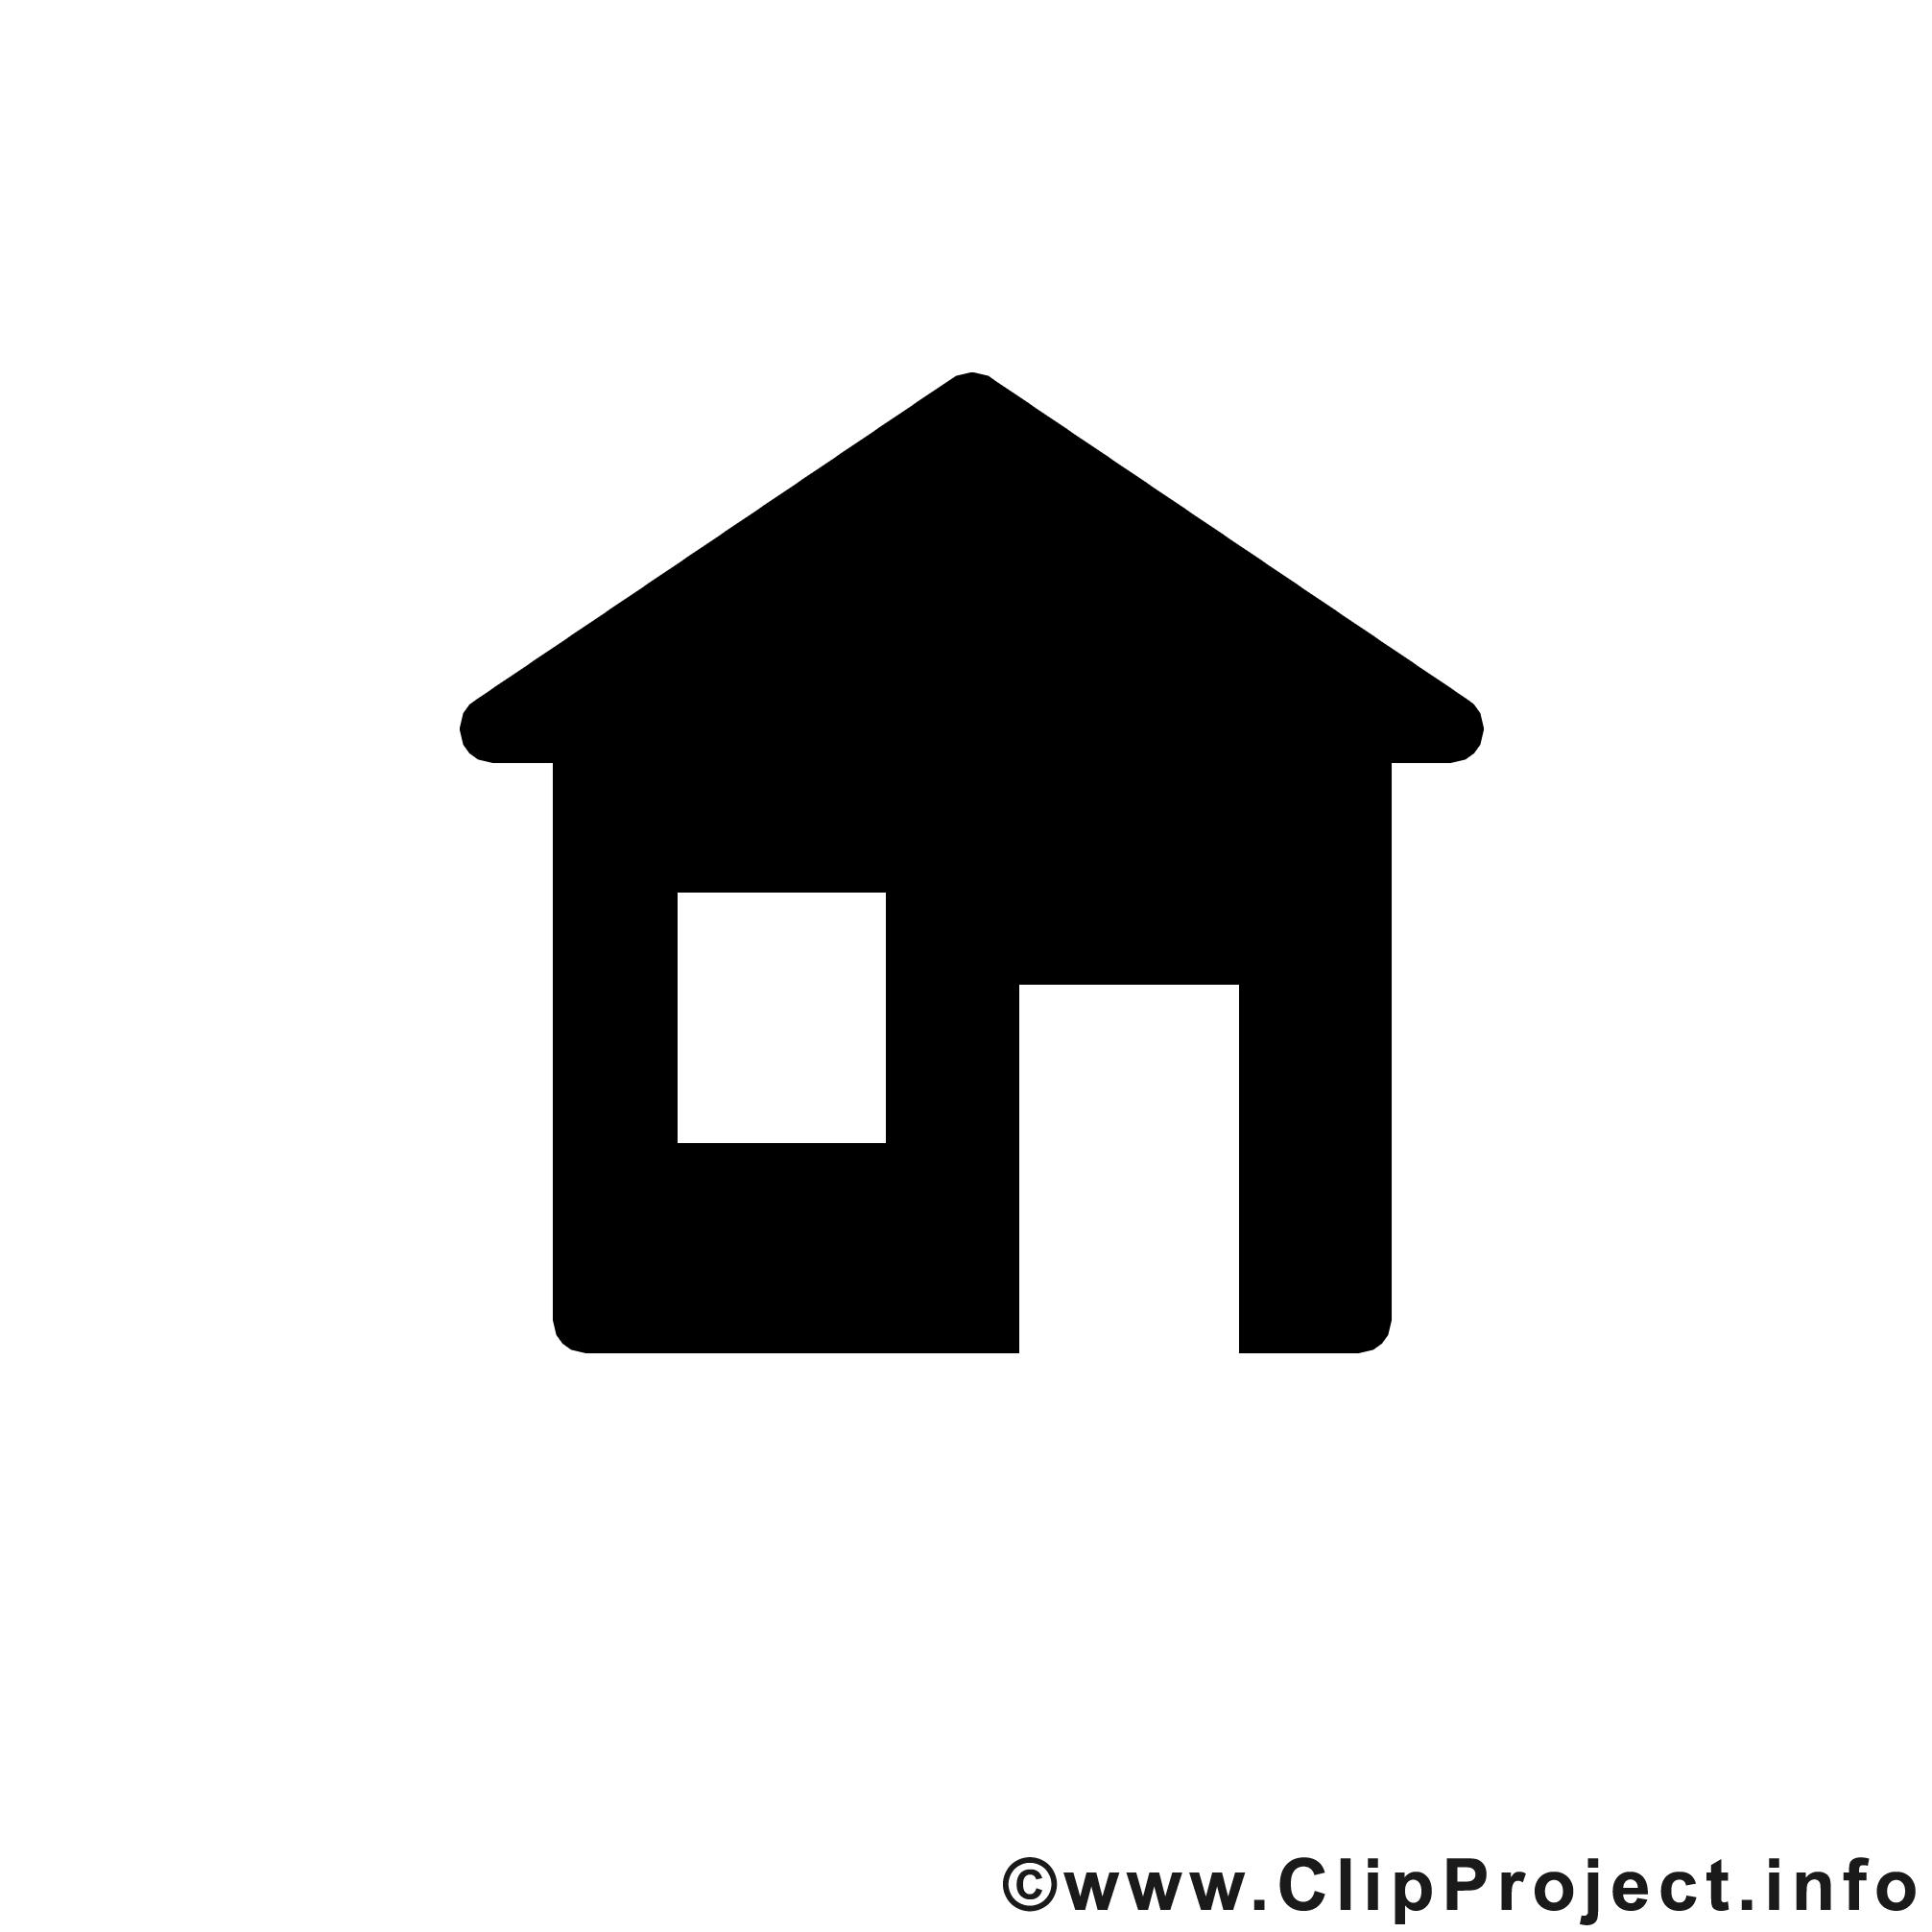 Maison dessin gratuit noir et blanc image noir et blanc dessin picture image graphic - Image maison dessin ...